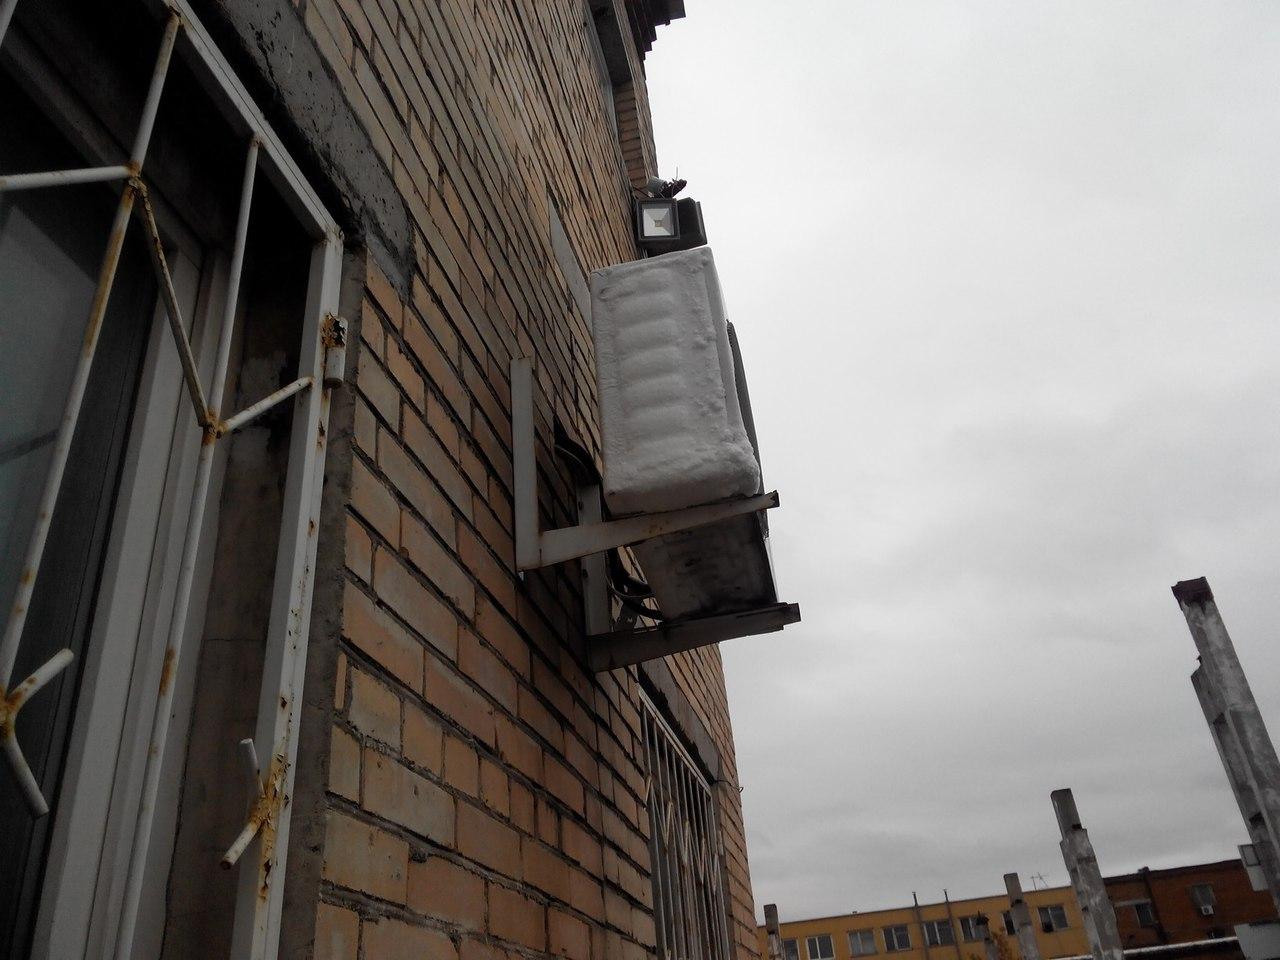 инструкция кондиционера панасоник в режим отопления